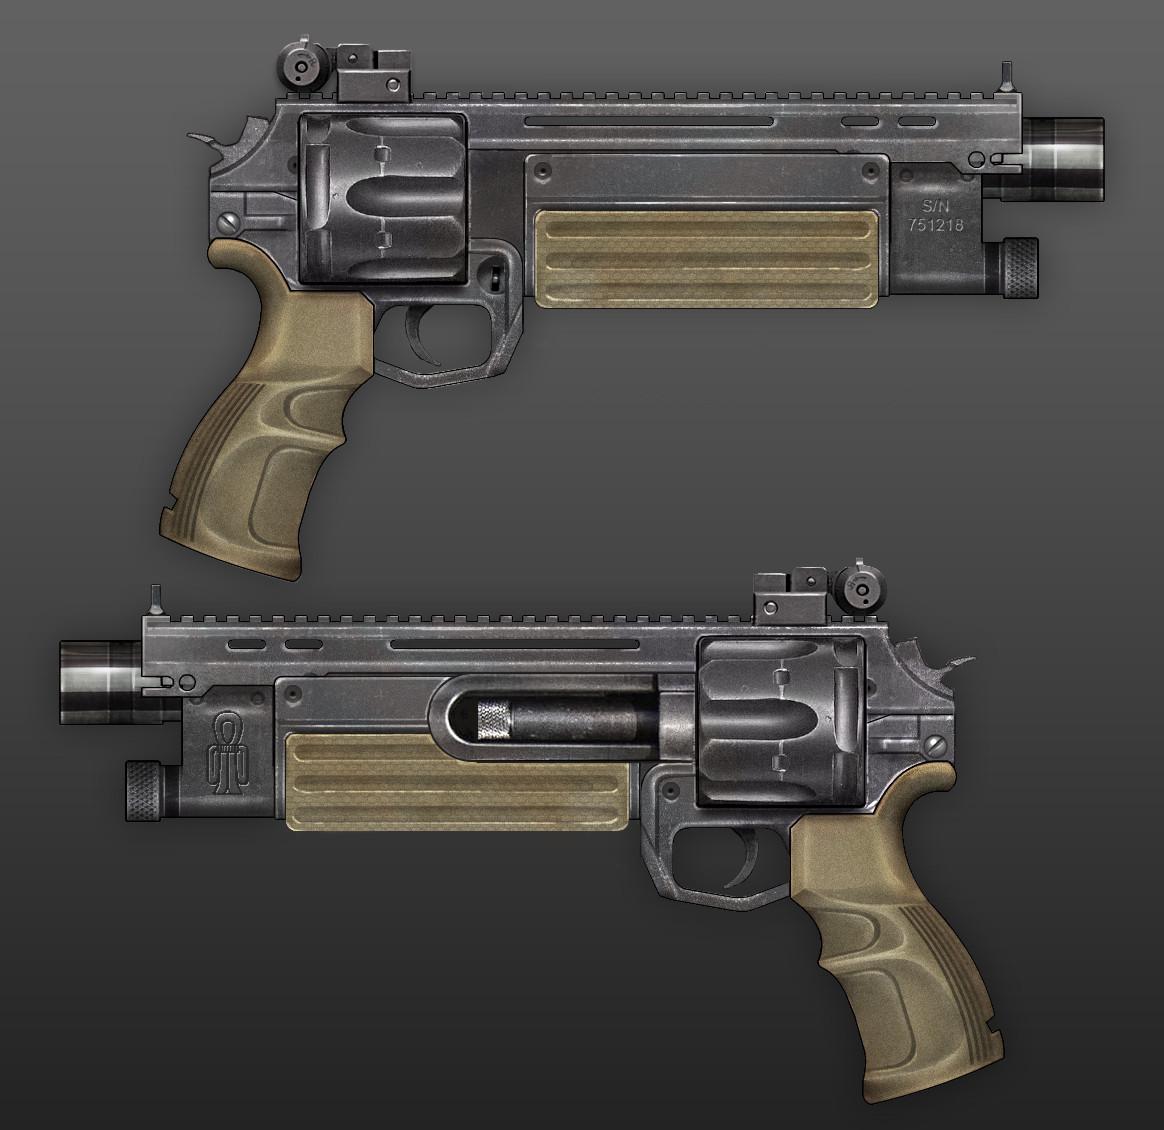 Fito Mojica - Old Stuff - Futuristic Revolver - 2011